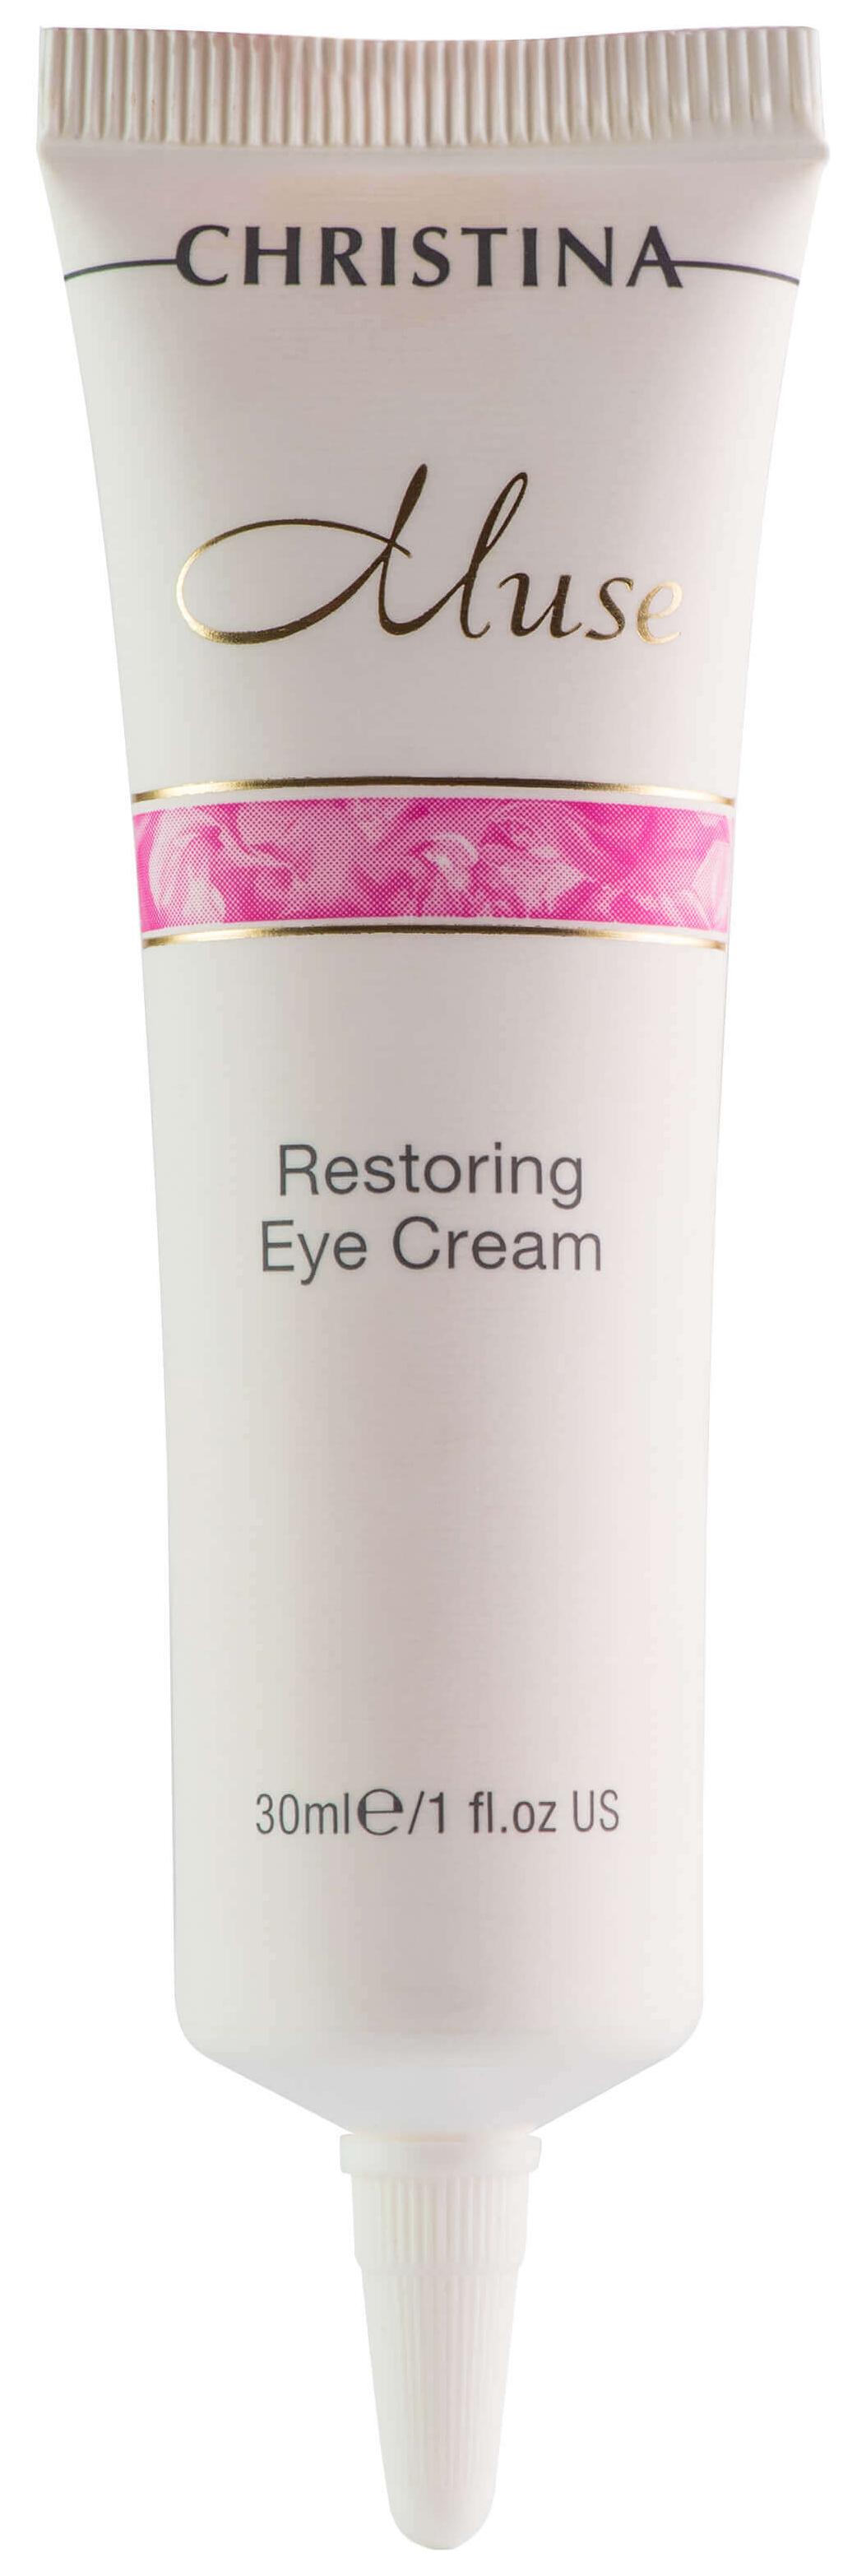 Купить Крем для век Christina Muse Restoring Eye Cream 30 мл